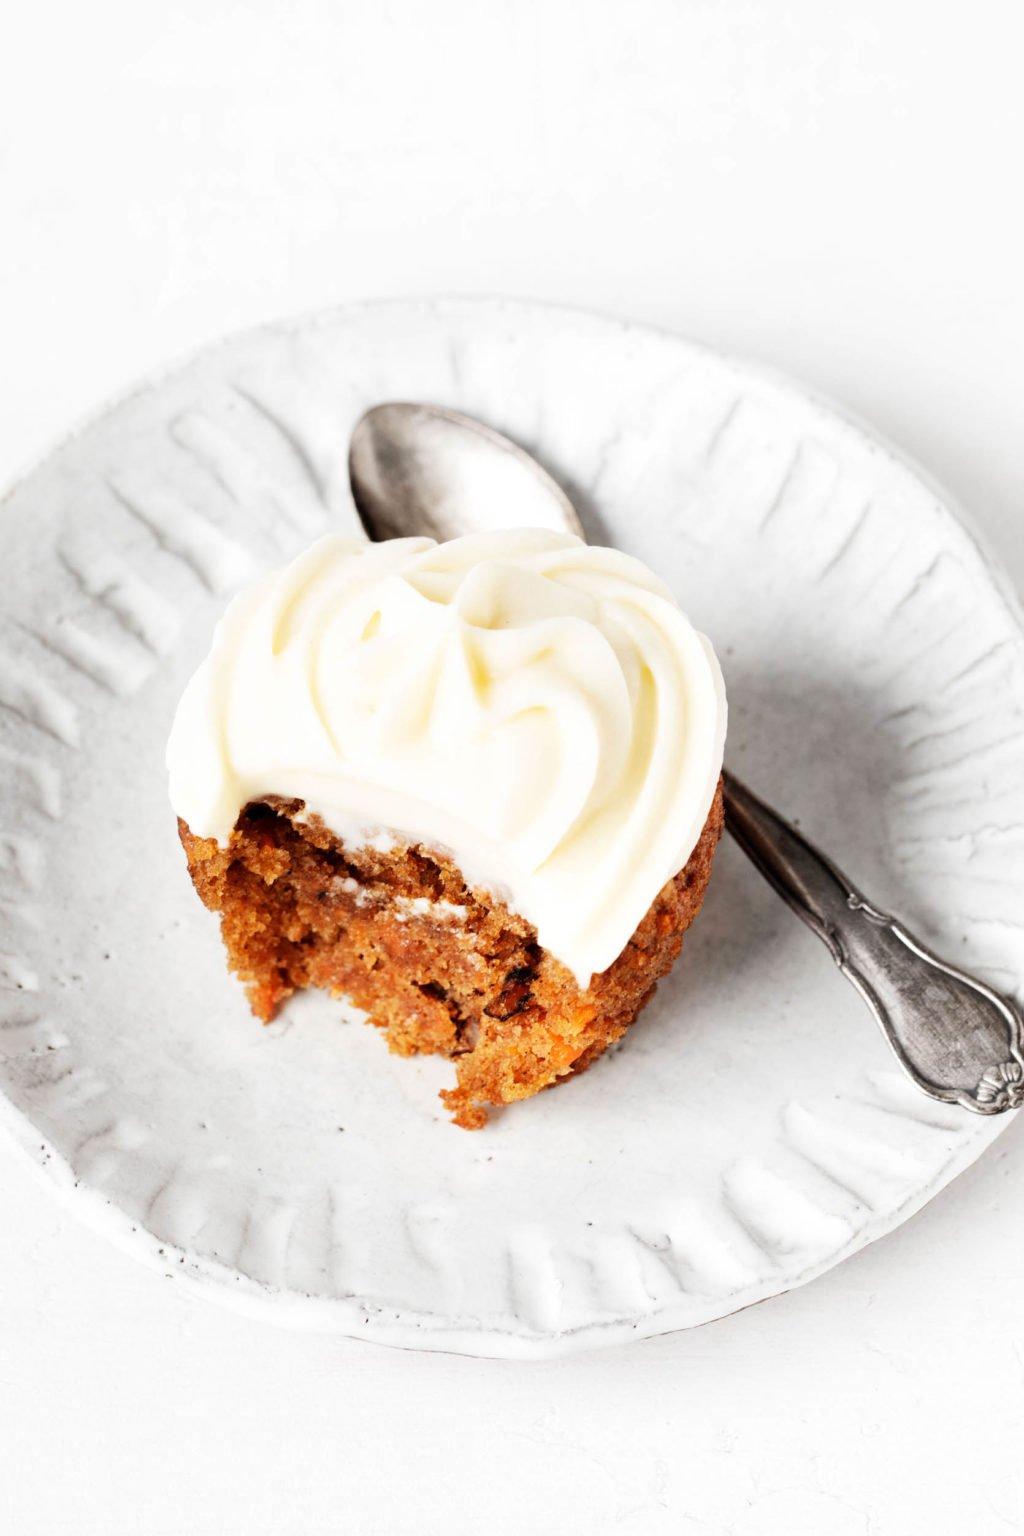 Un solo cupcake de pastel de zanahoria vegano descansa sobre un pequeño plato blanco de cerámica.  Hay una cuchara pequeña al lado de la magdalena.